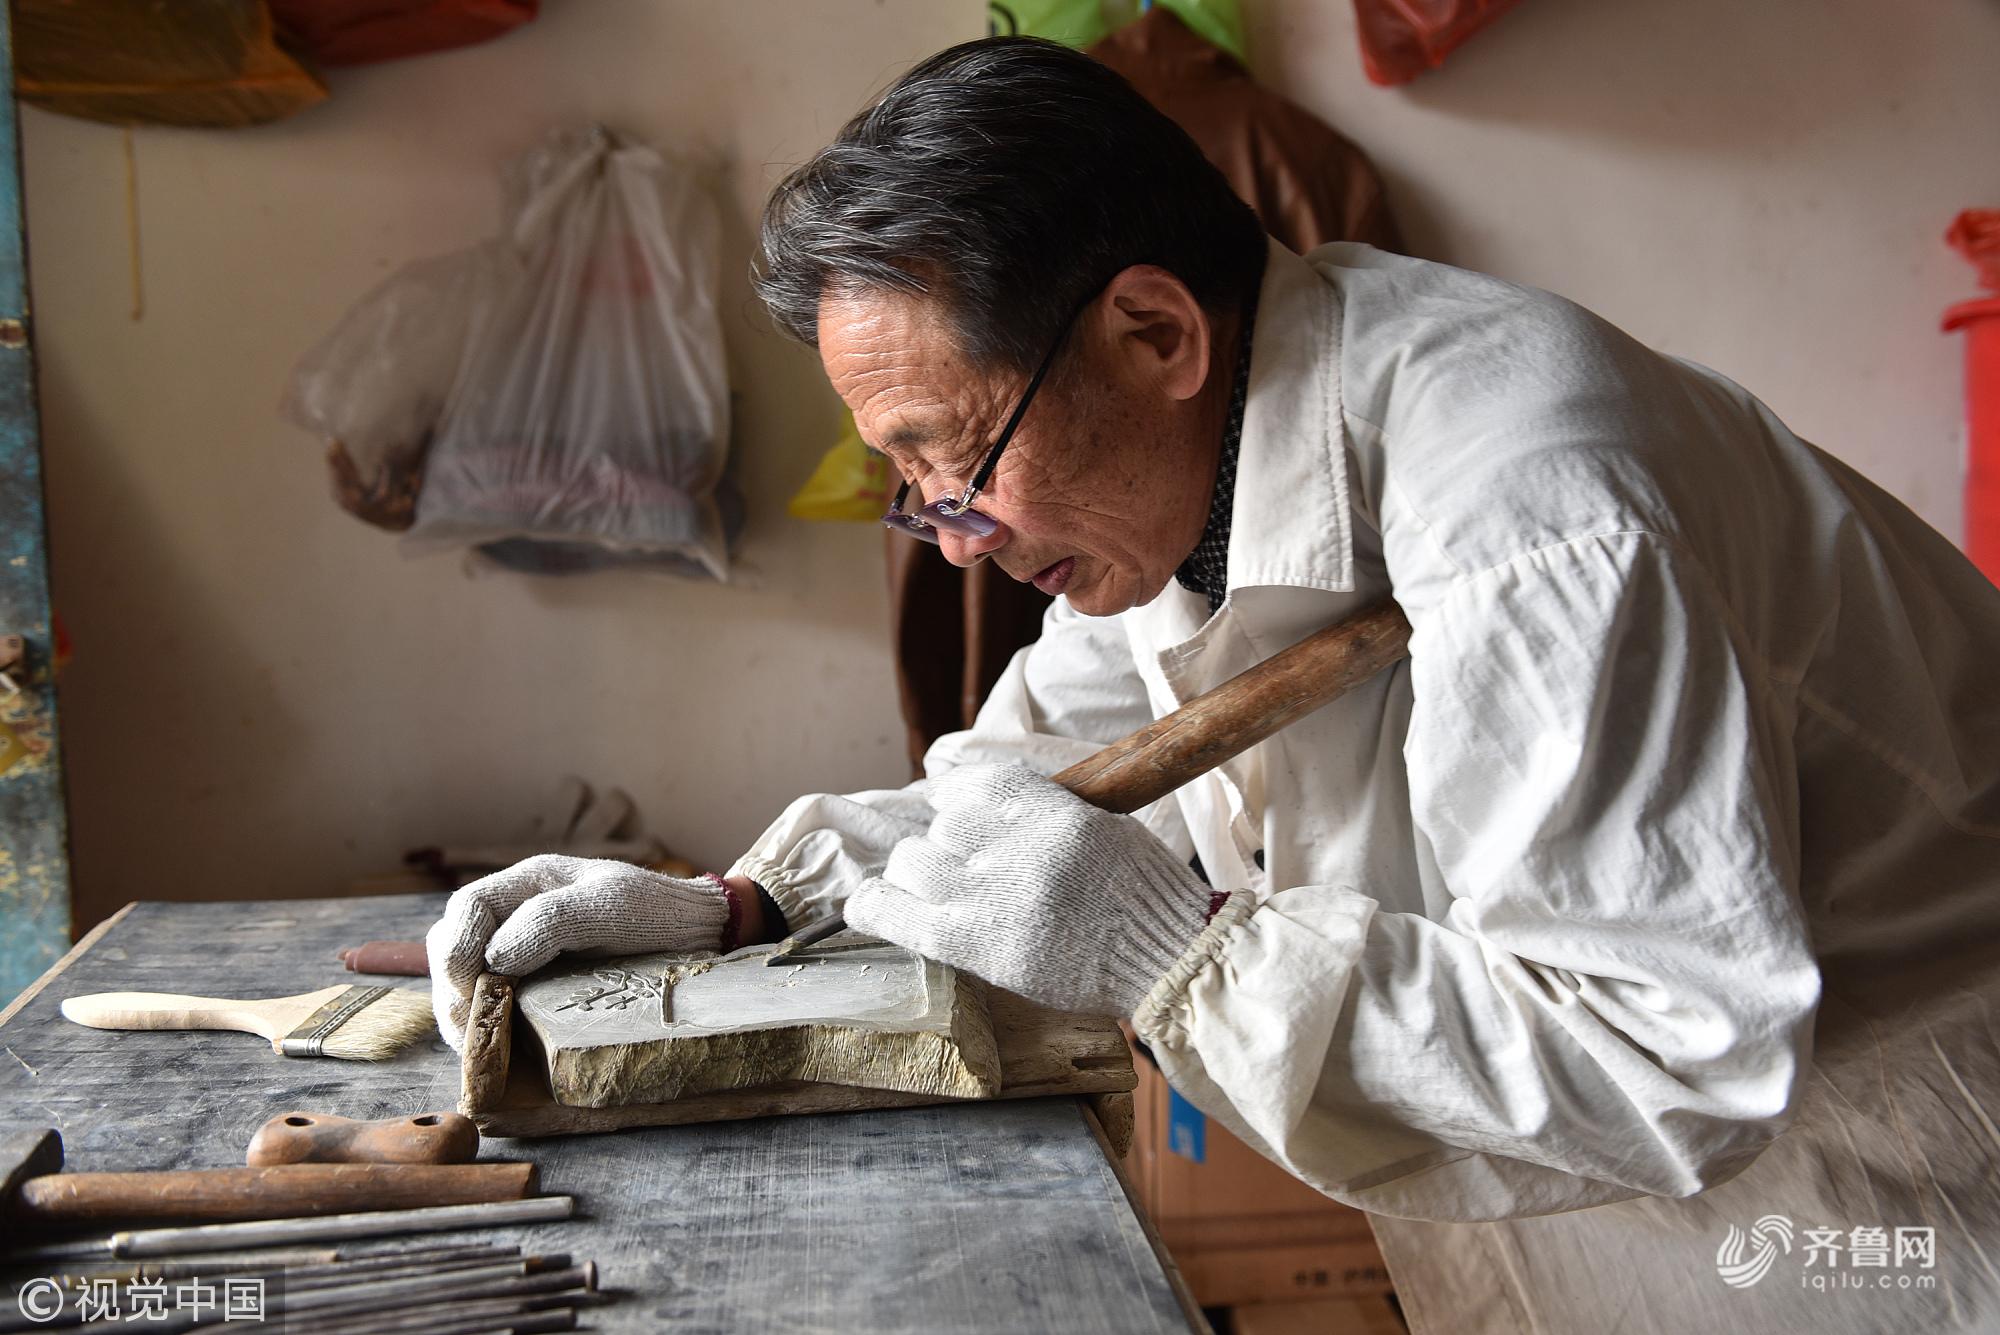 辞掉干了21年的教师,烟台75岁老人苦练宫廷雕刻技艺,一方砚台卖6.8万